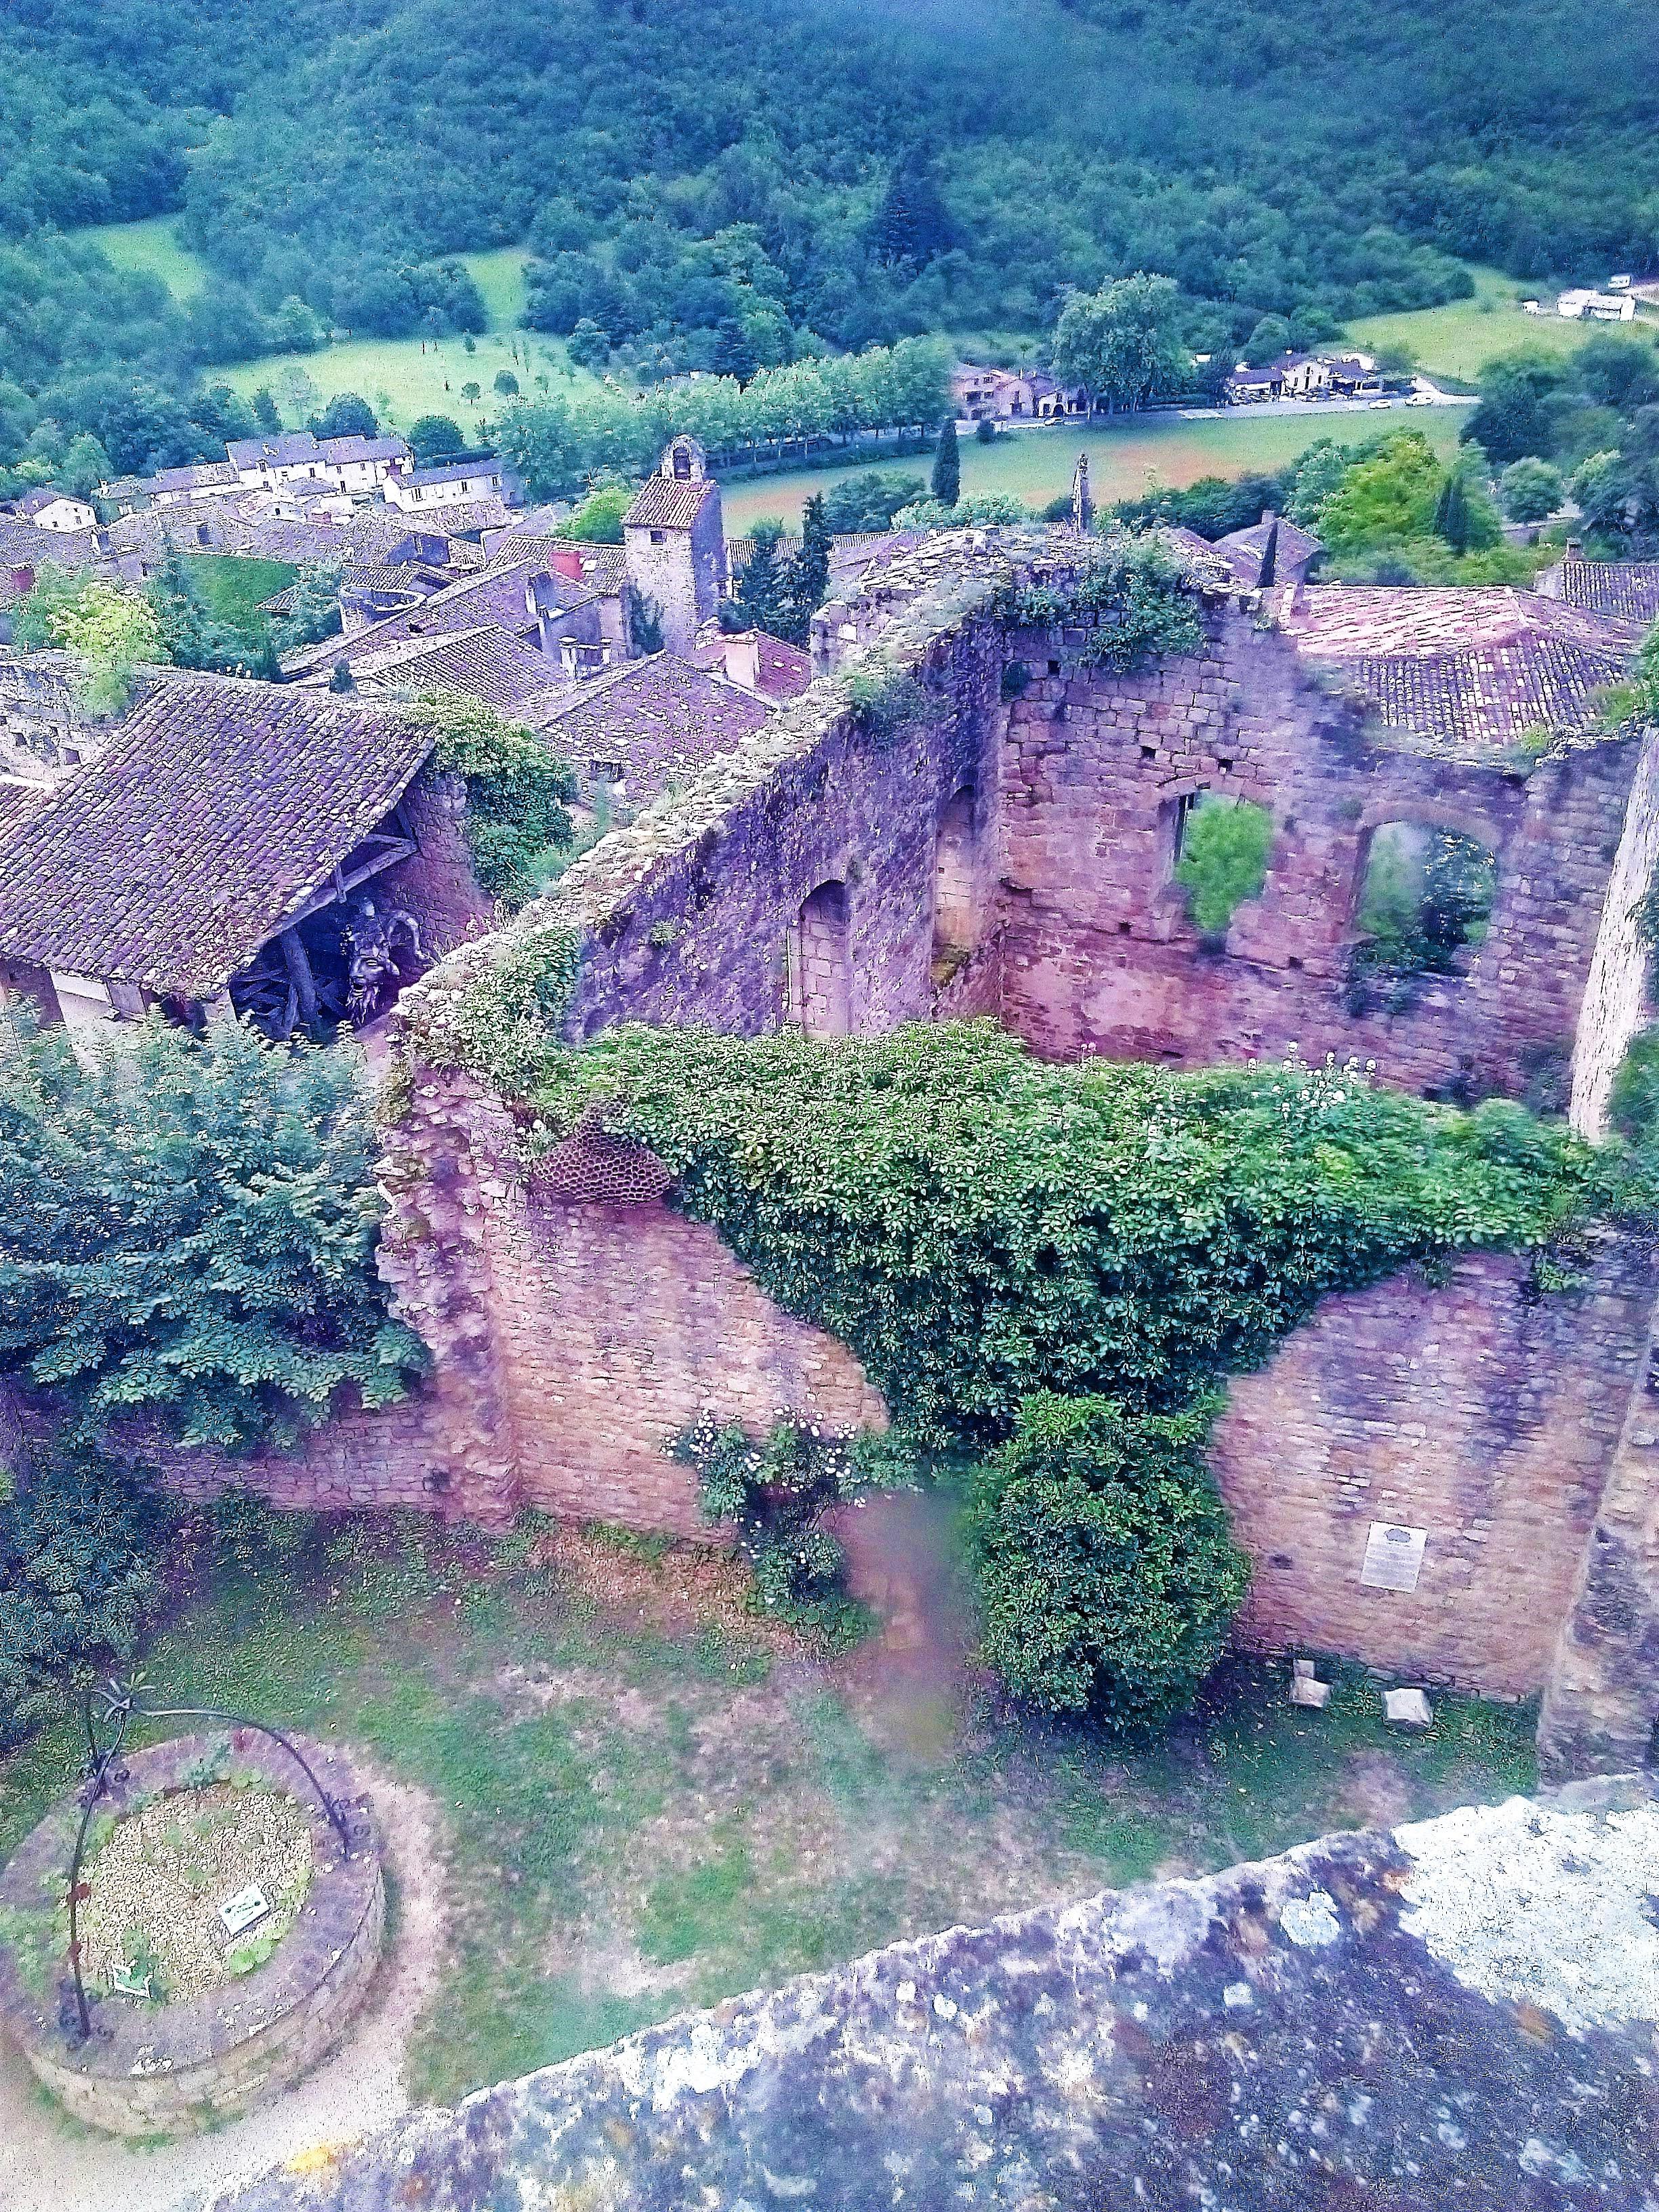 Chateau de Bruniquel